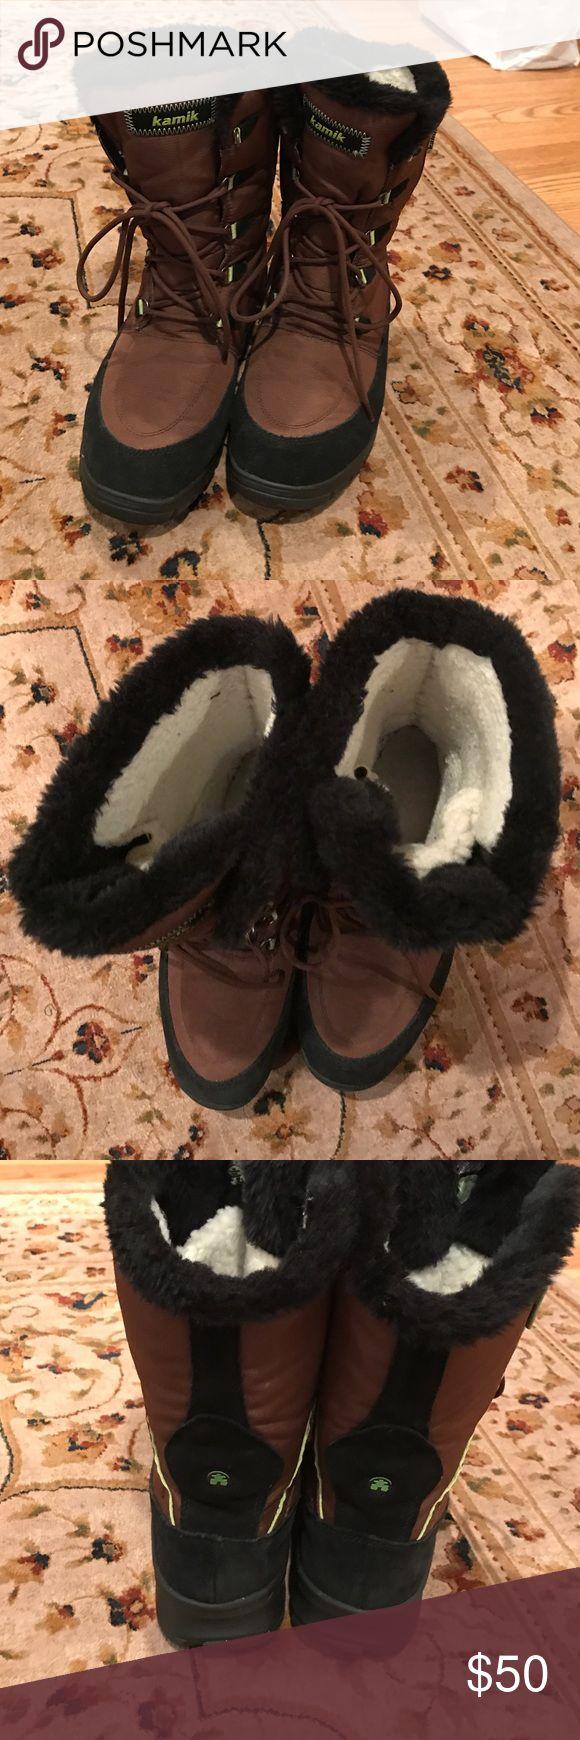 Kamik Brooklyn waterproof women's winter boots Waterproof winter boots. Kamik Shoes Winter & Rain Boots